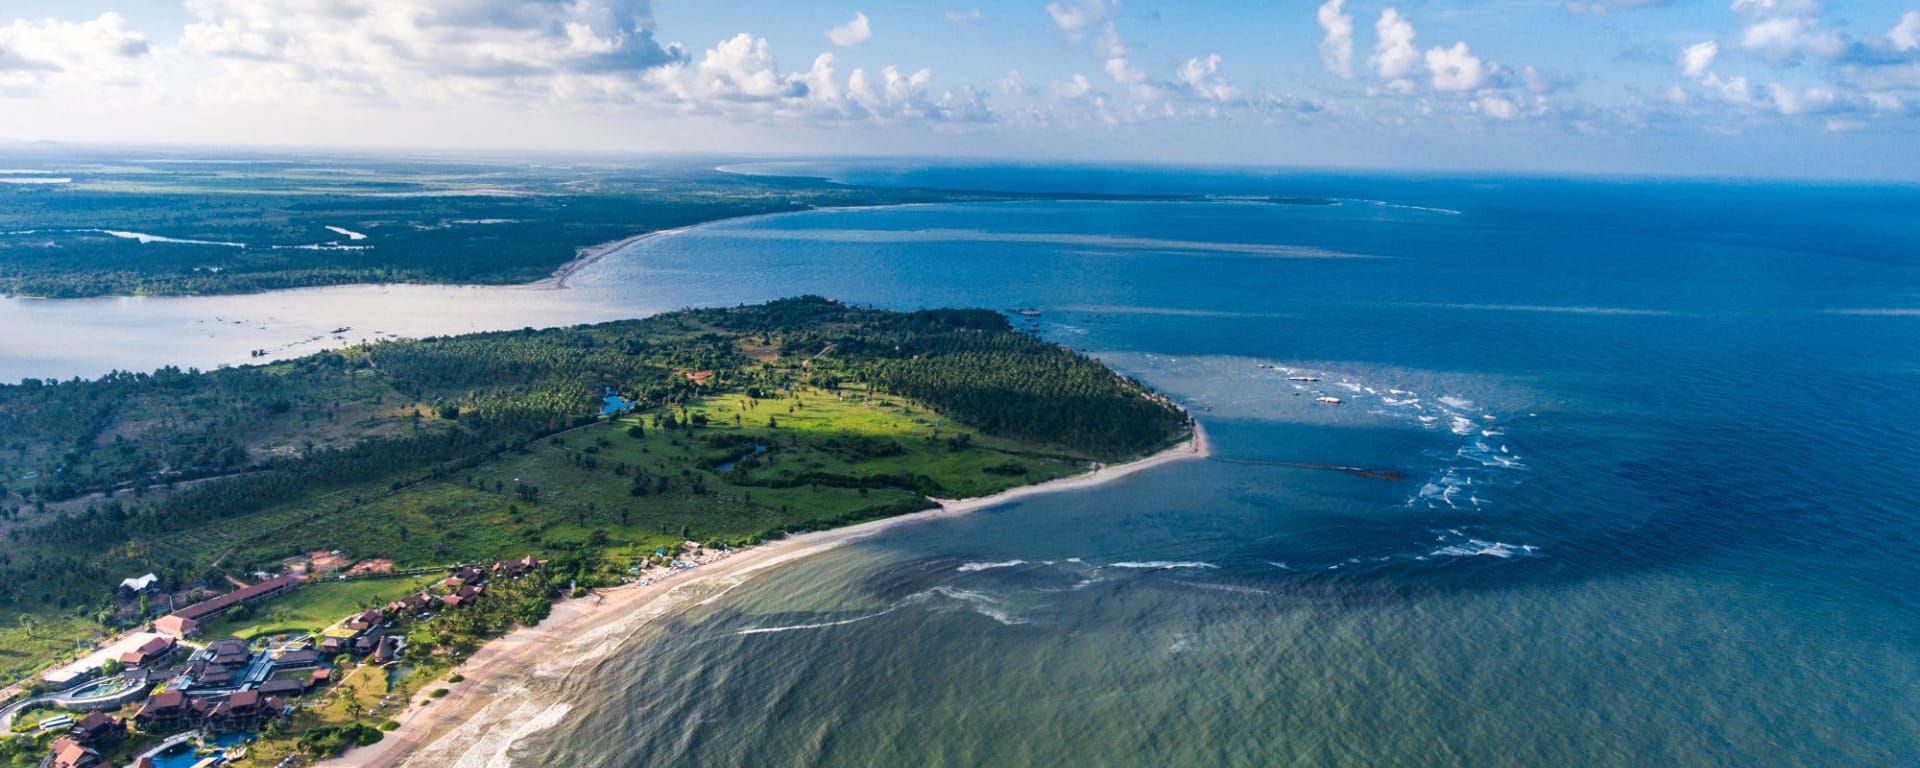 Amaya Beach à Passekudah: Amaya Beach Aerial View